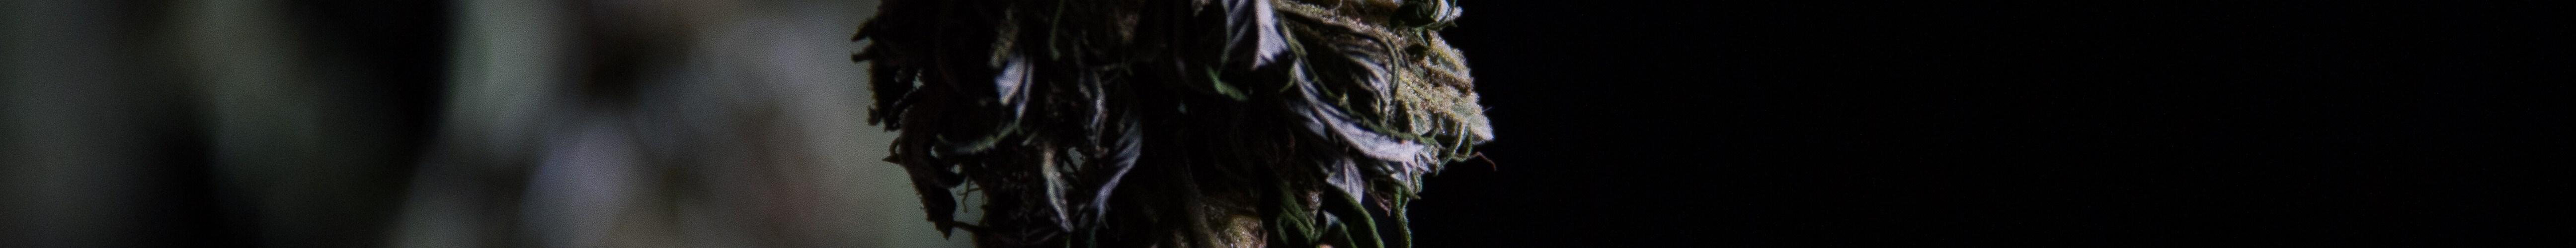 canada cannabis quality